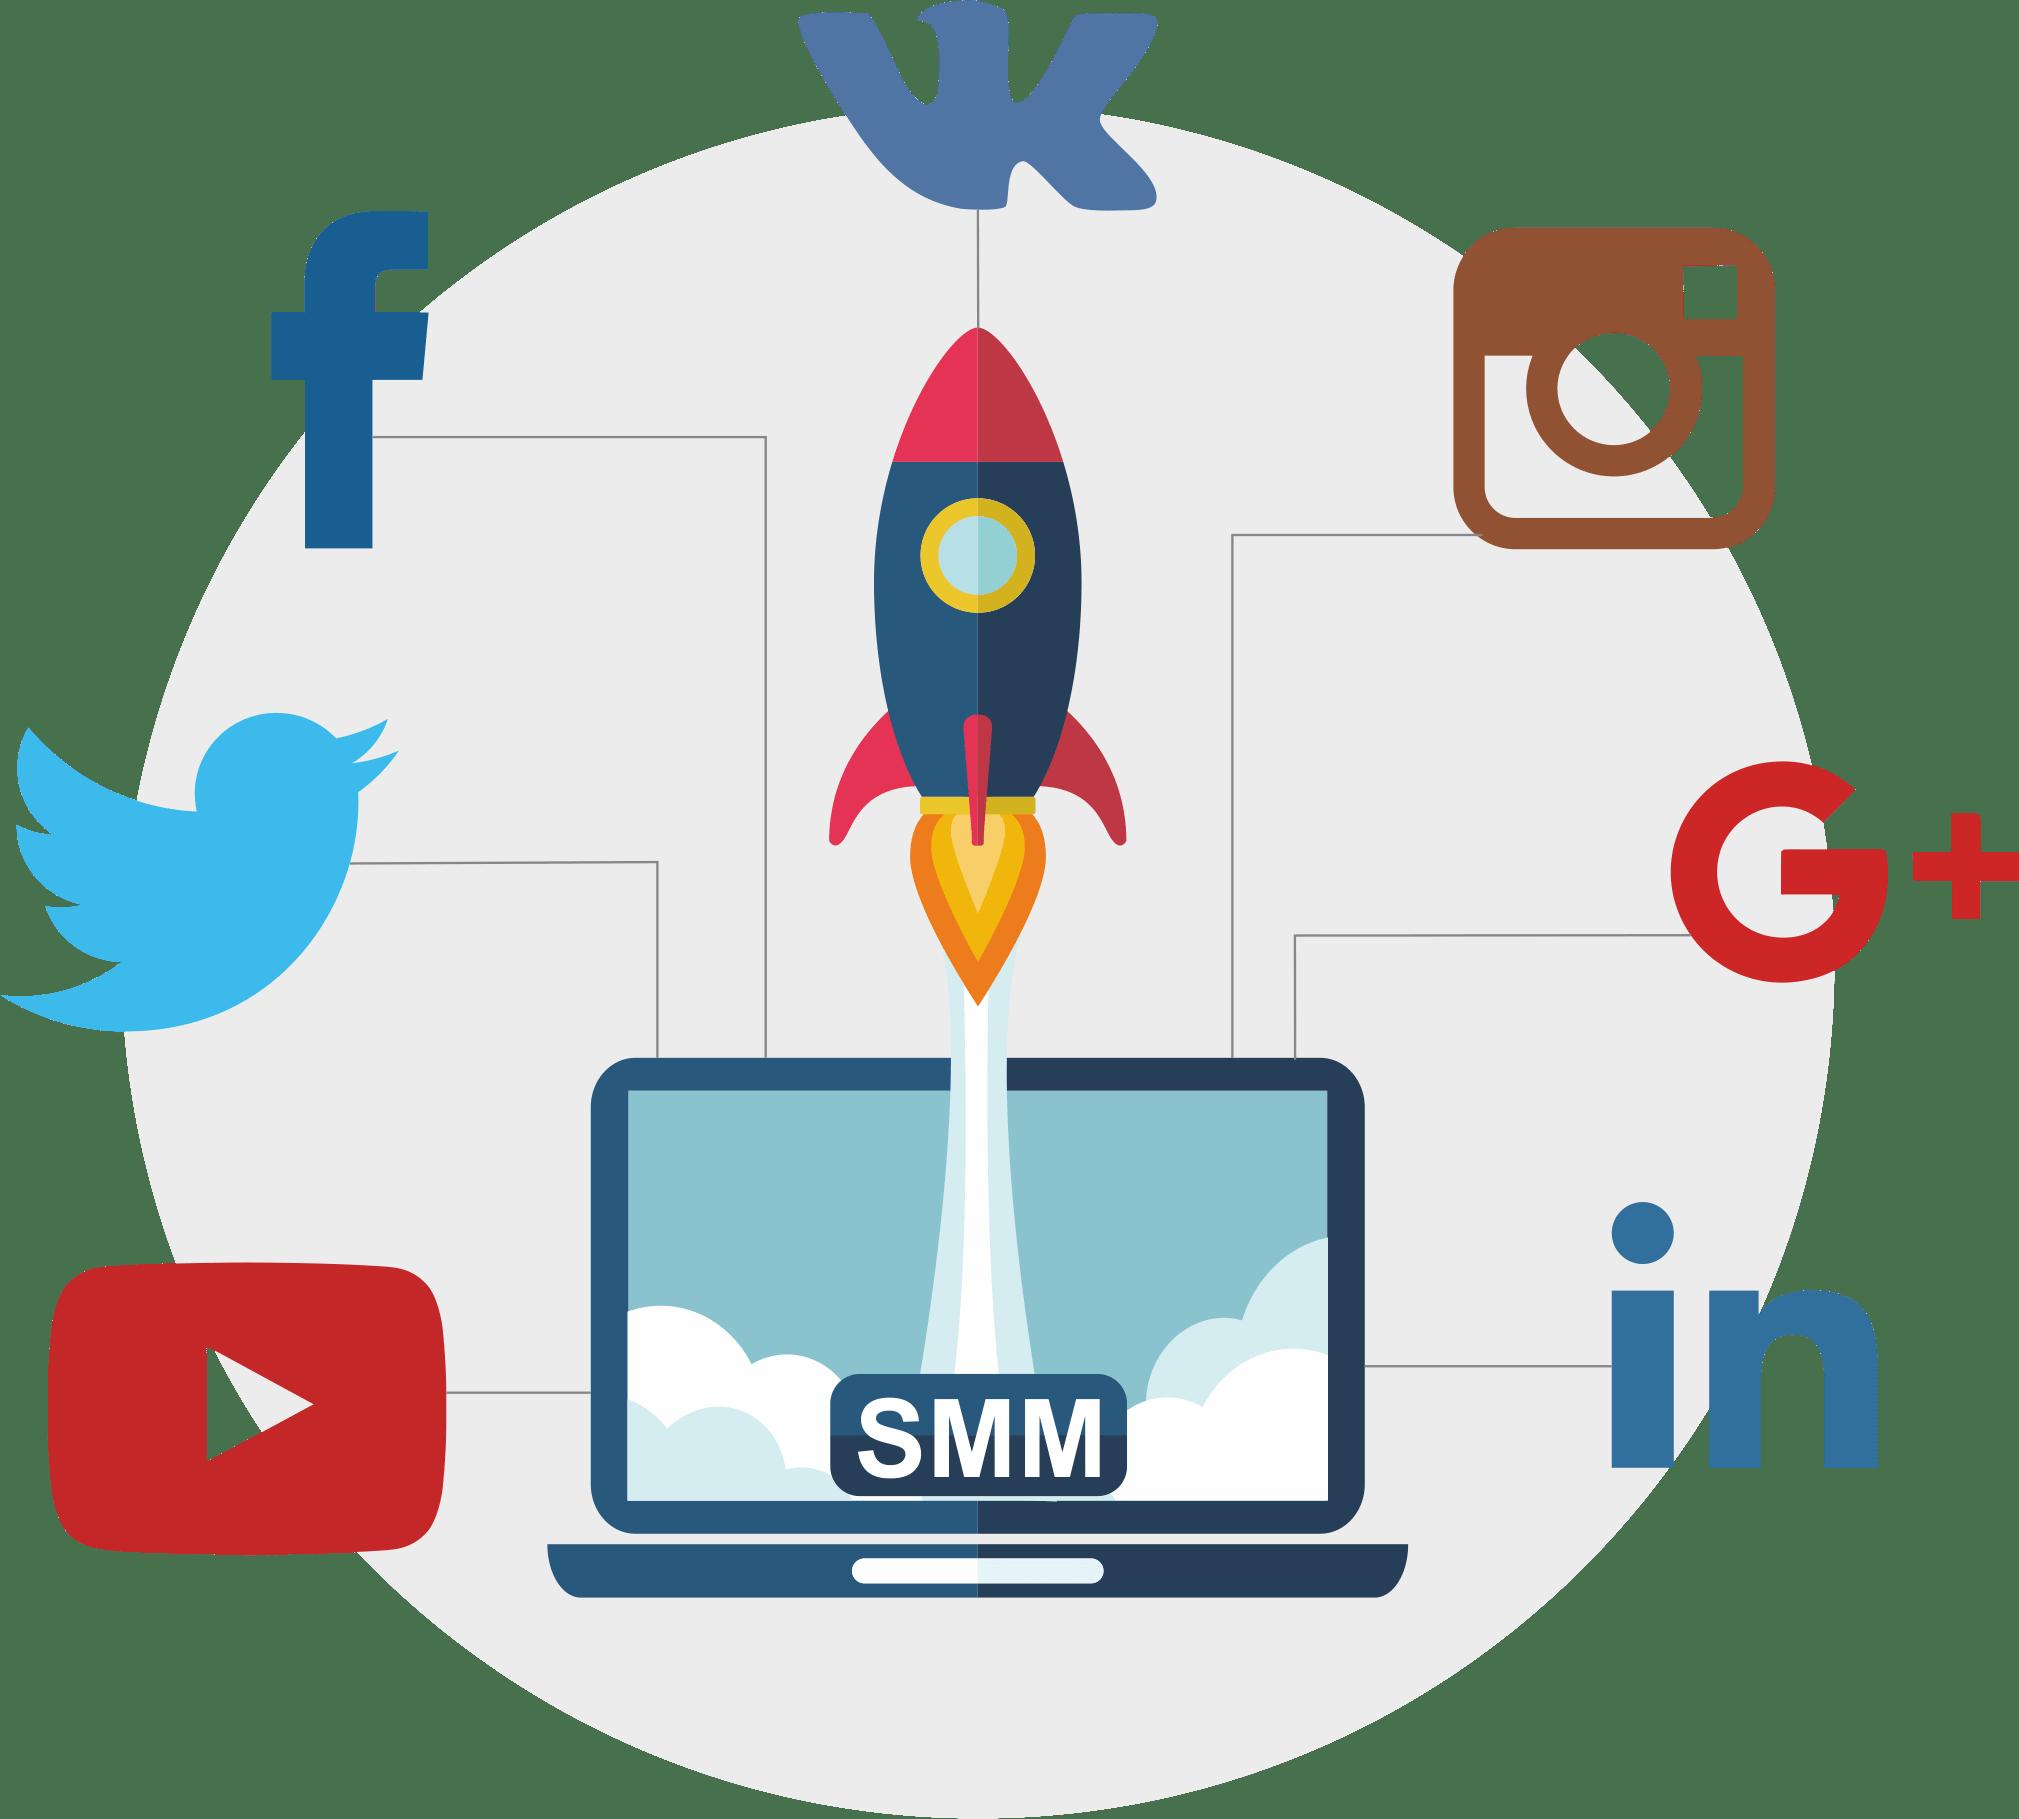 Автонаполнение групп в социальных сетях — как реализовать?